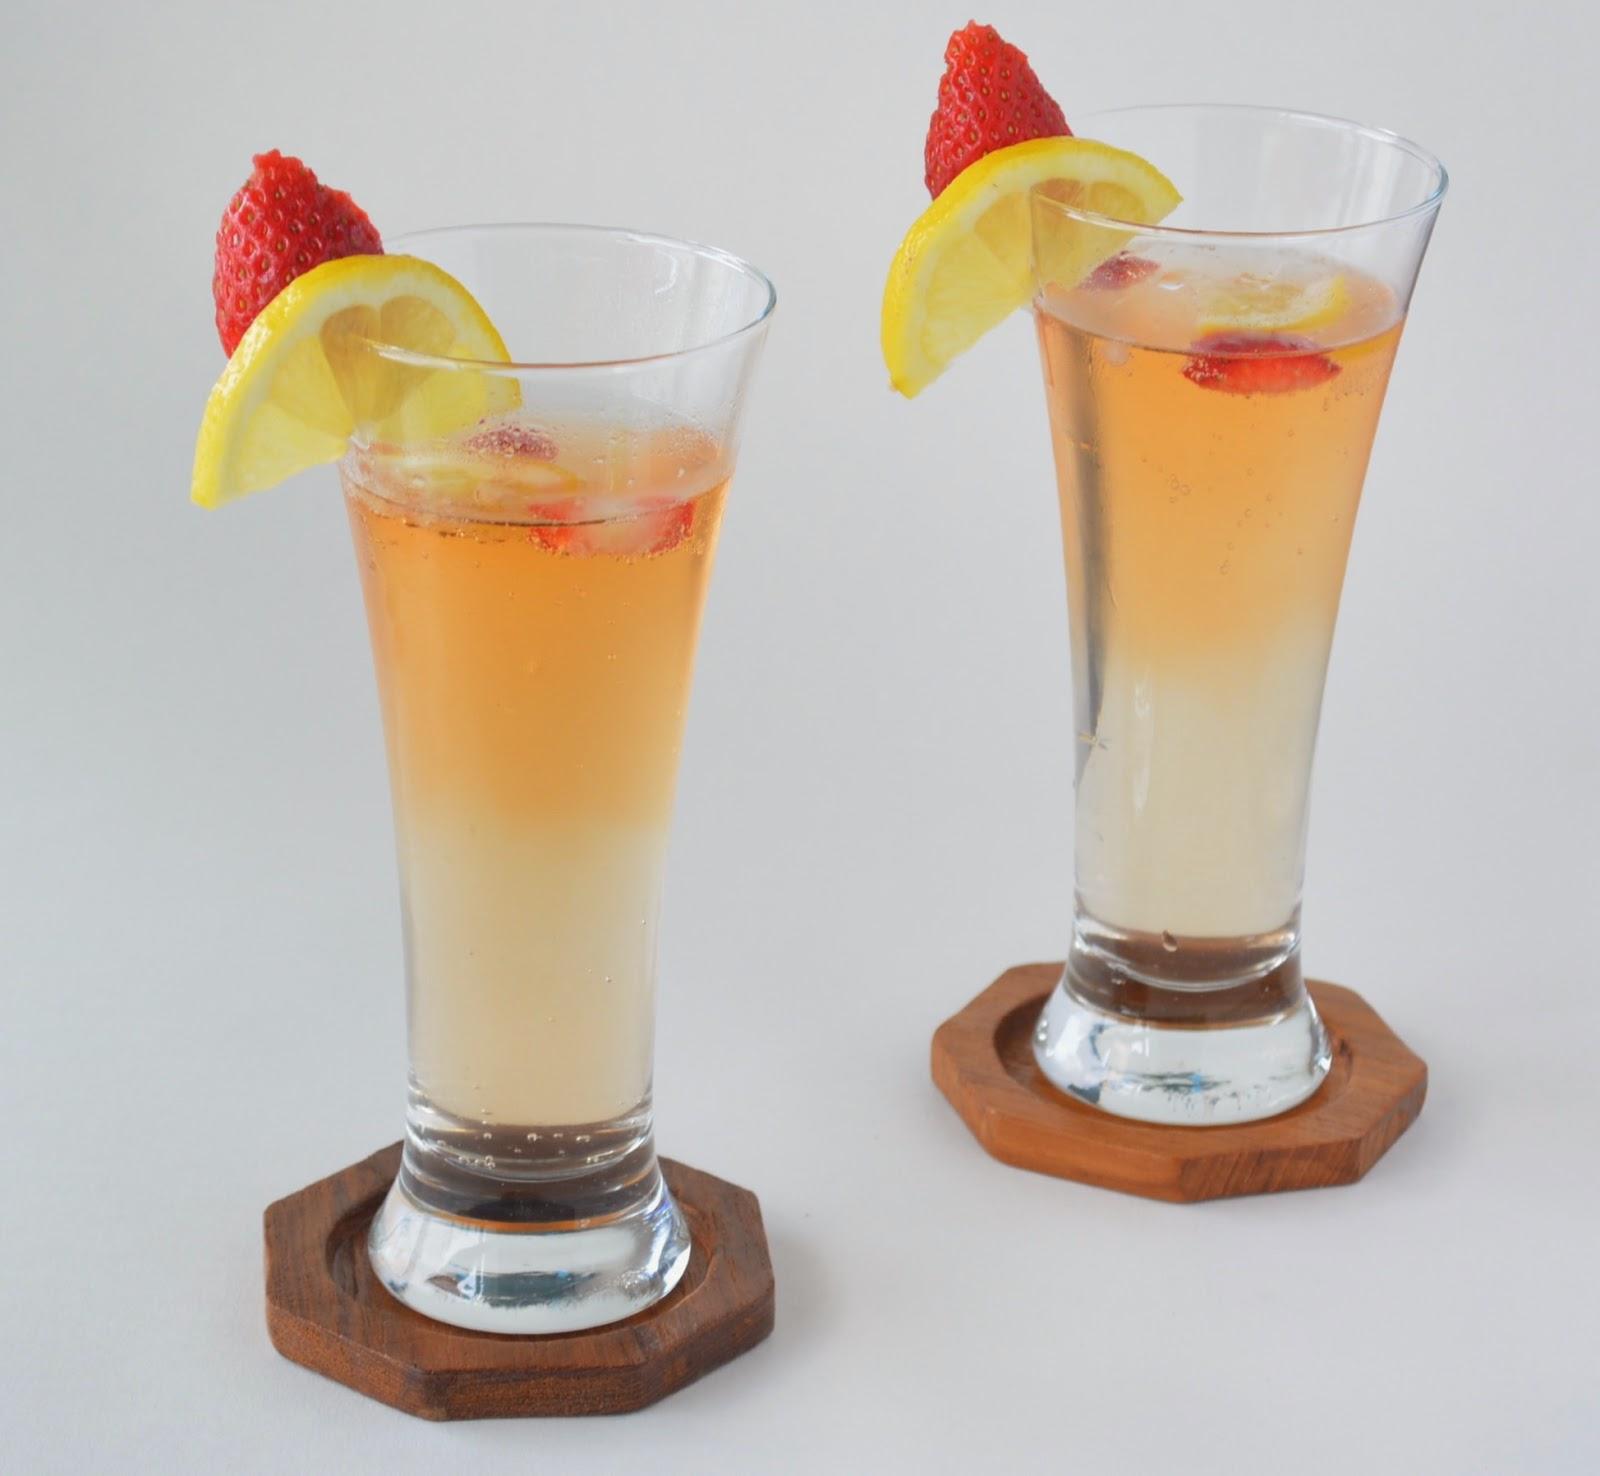 Malawi Shandy Drink Recipe